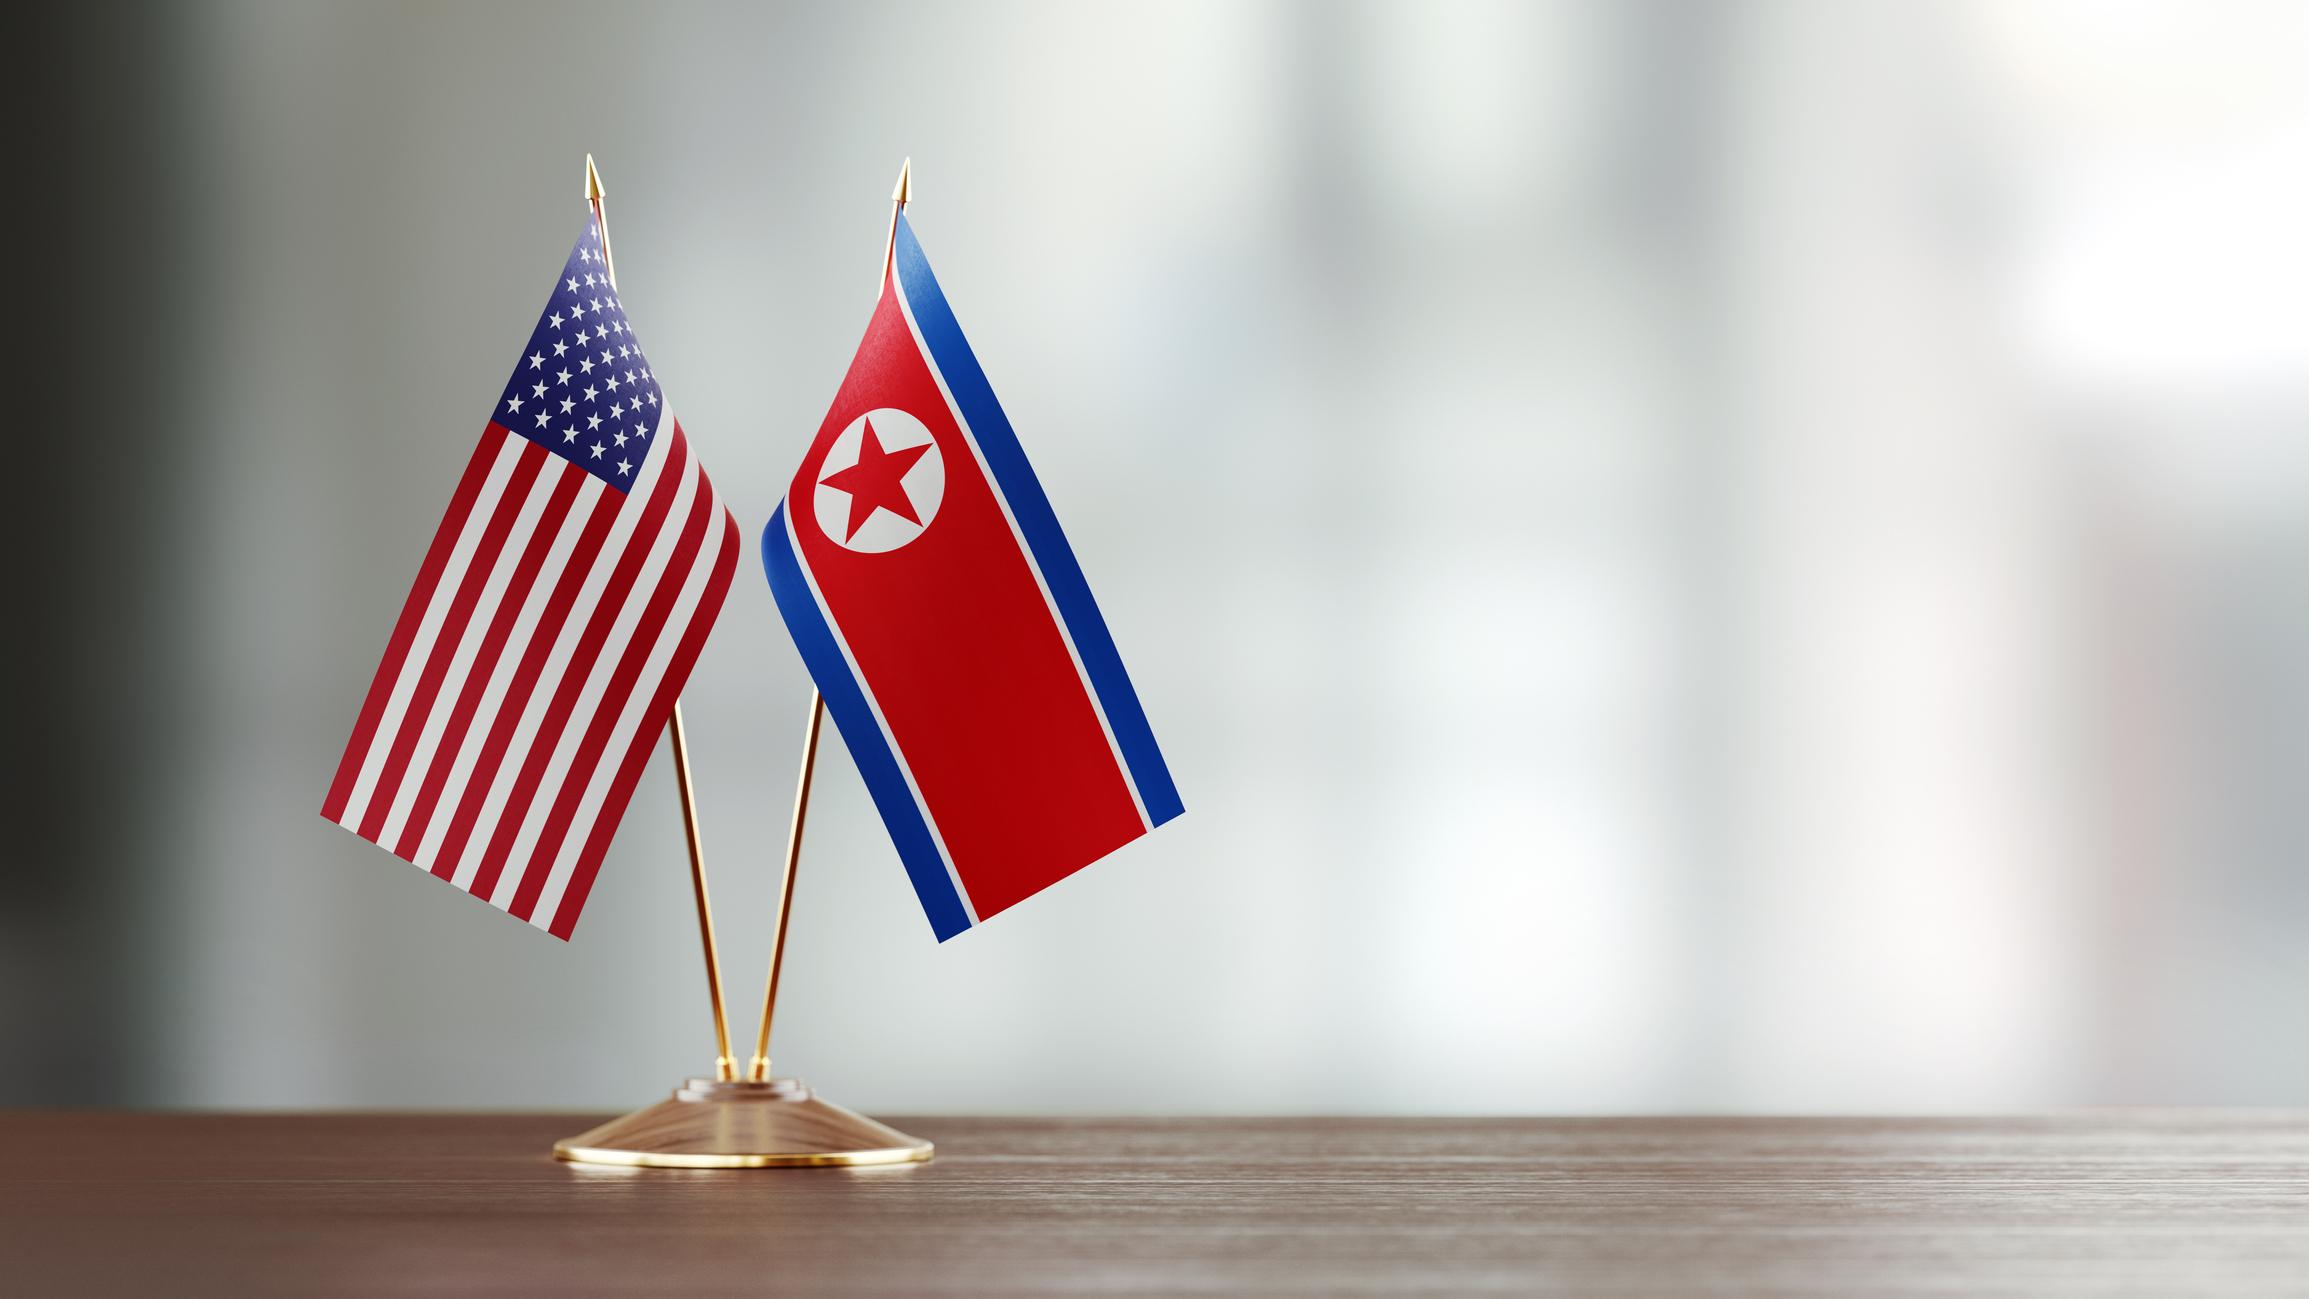 朝鲜:拜登批评朝鲜人权政策 反应出美国的敌对态度